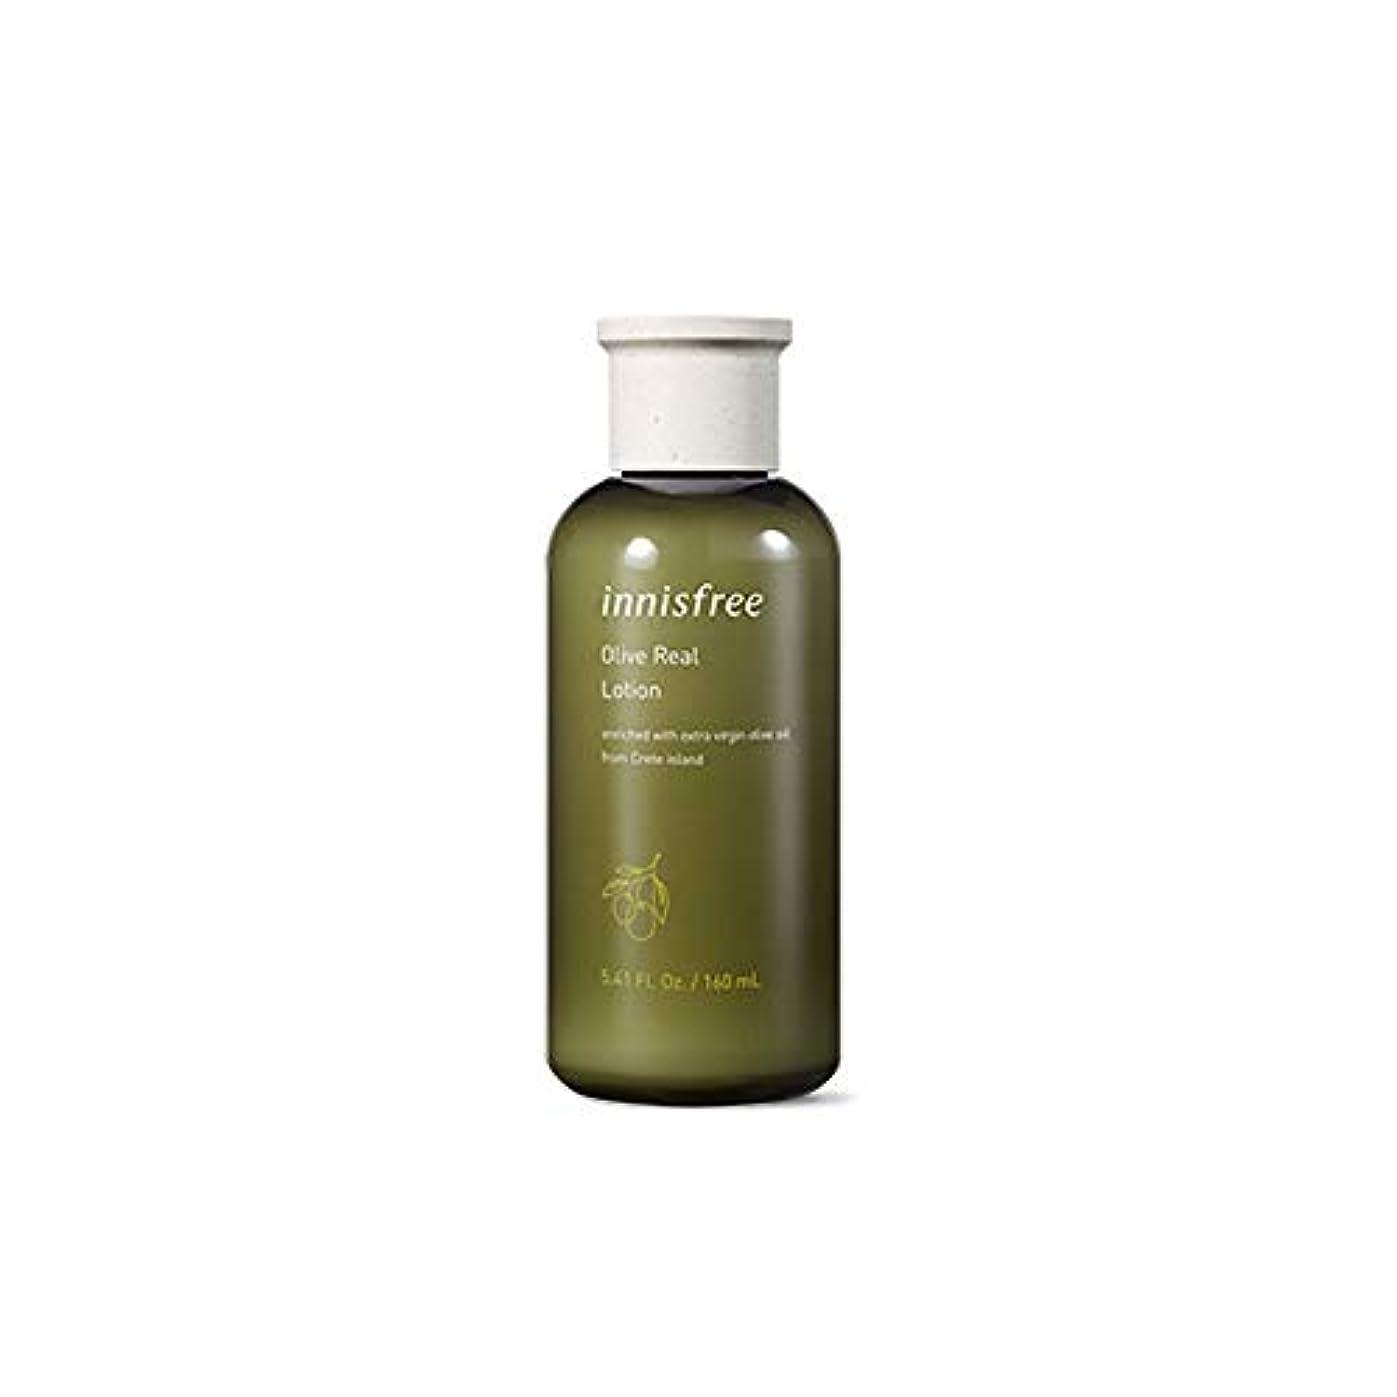 セラフアレイ精度NEW[イニスフリー] Innisfree オリーブリアルローション乳液EX(160ml) Innisfree Olive Real Lotion(160ml)EX [海外直送品]